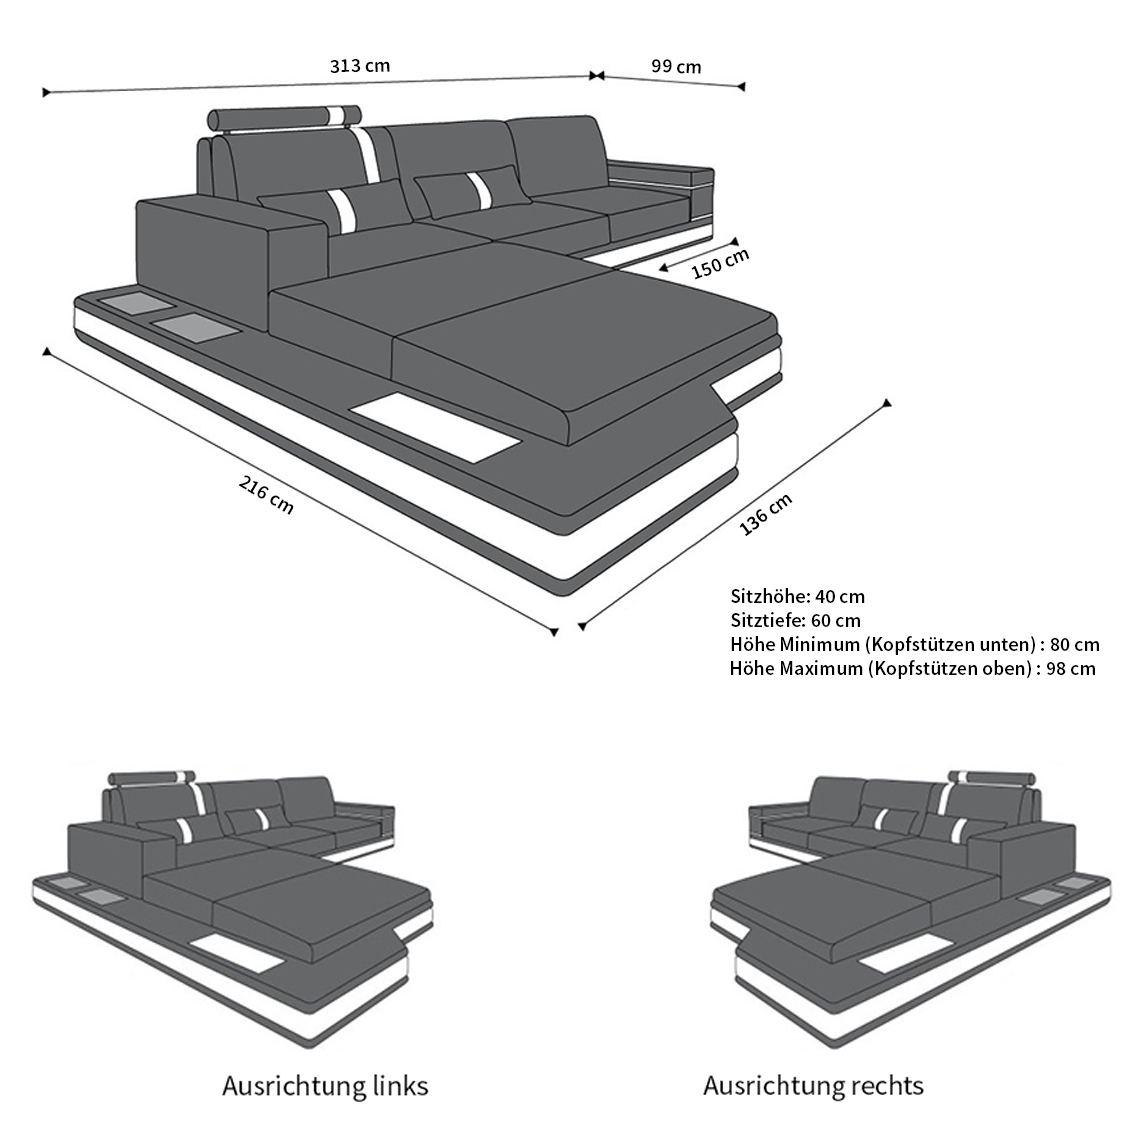 sofas ledersofa ledersofa messana l form led sofas g nstig. Black Bedroom Furniture Sets. Home Design Ideas